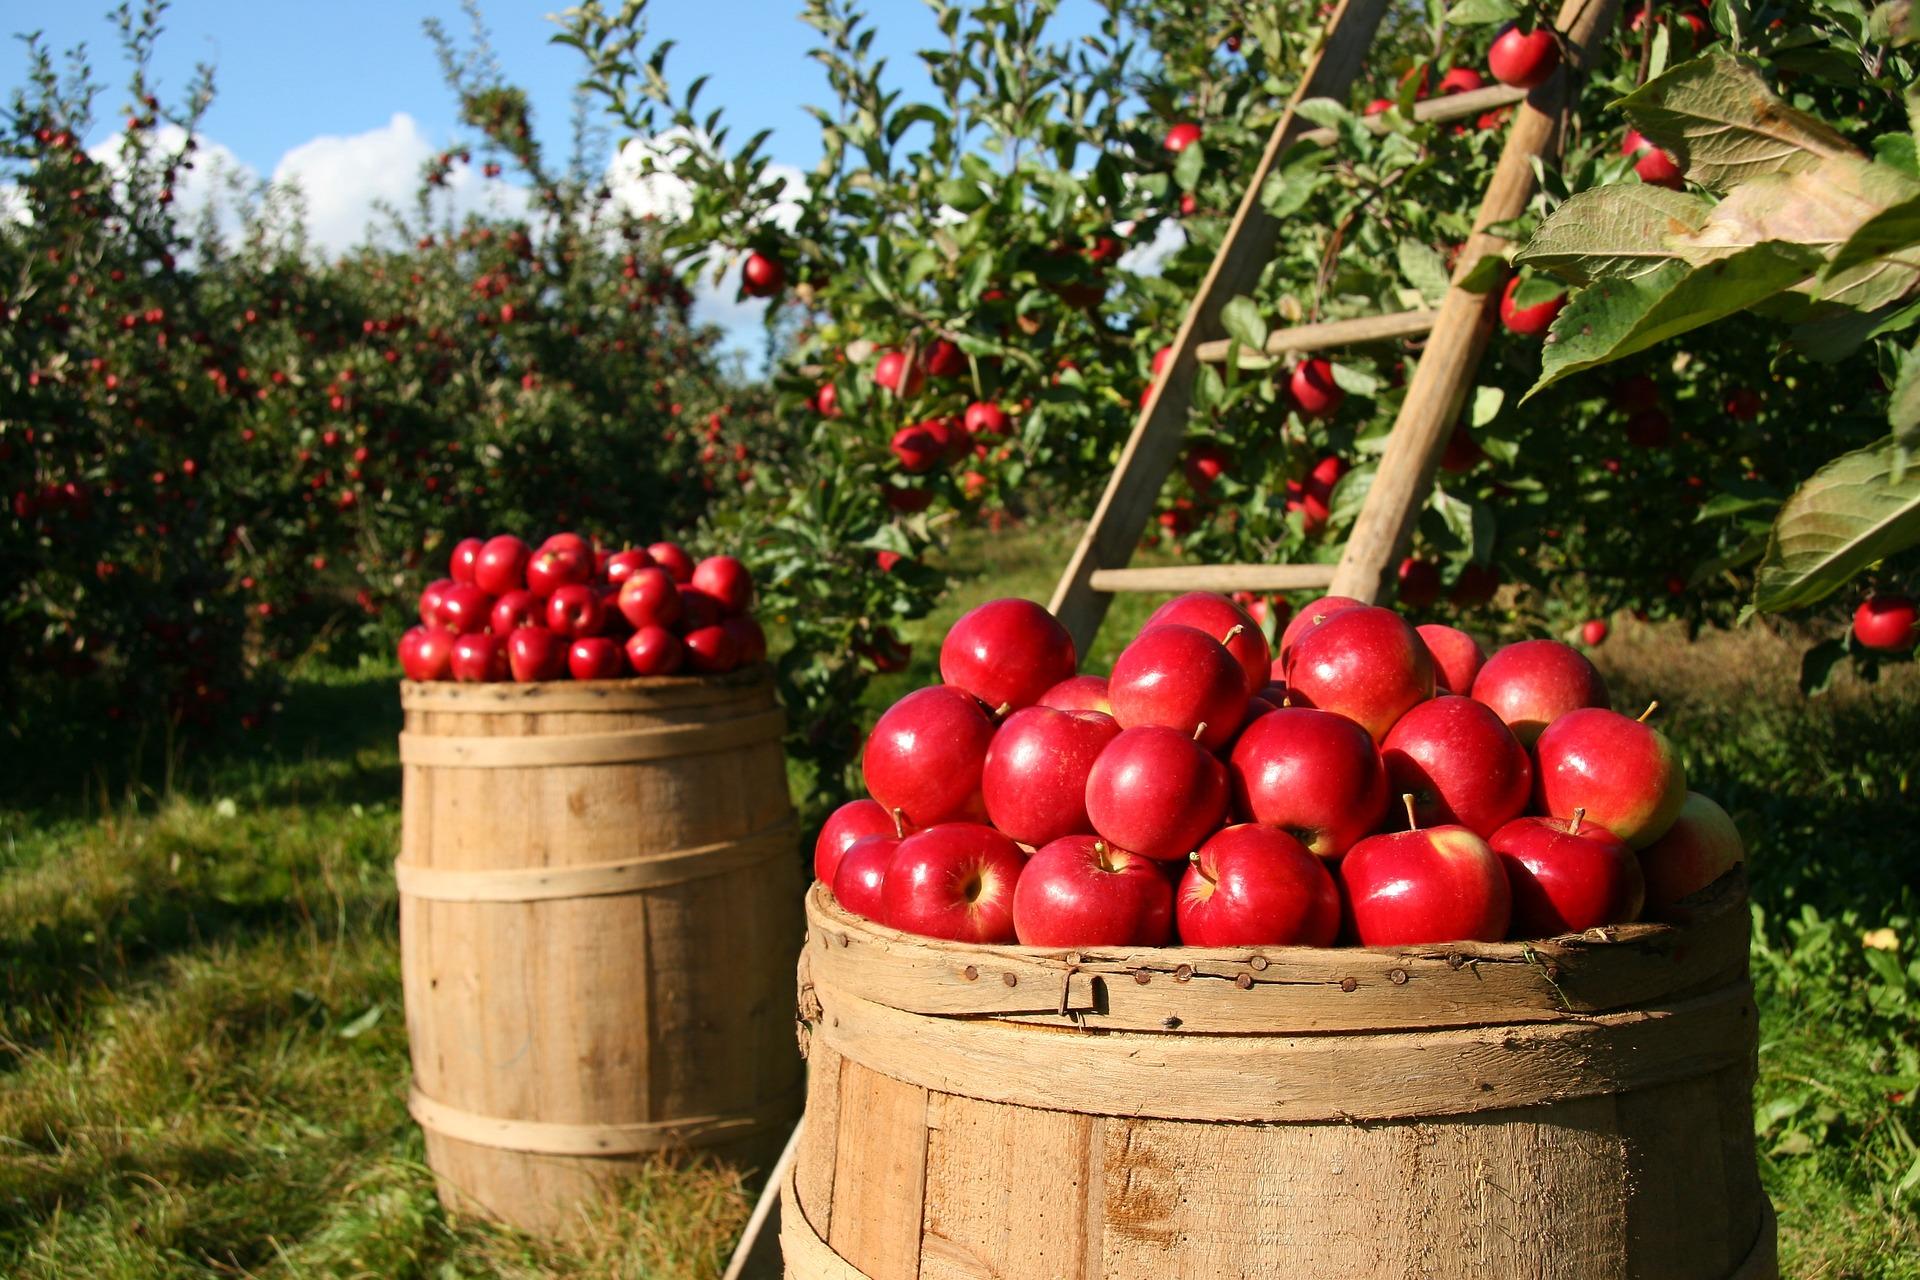 Začínáme zahradničit – jaké druhy ovocných stromů vybrat a co je dobré vědět? 1